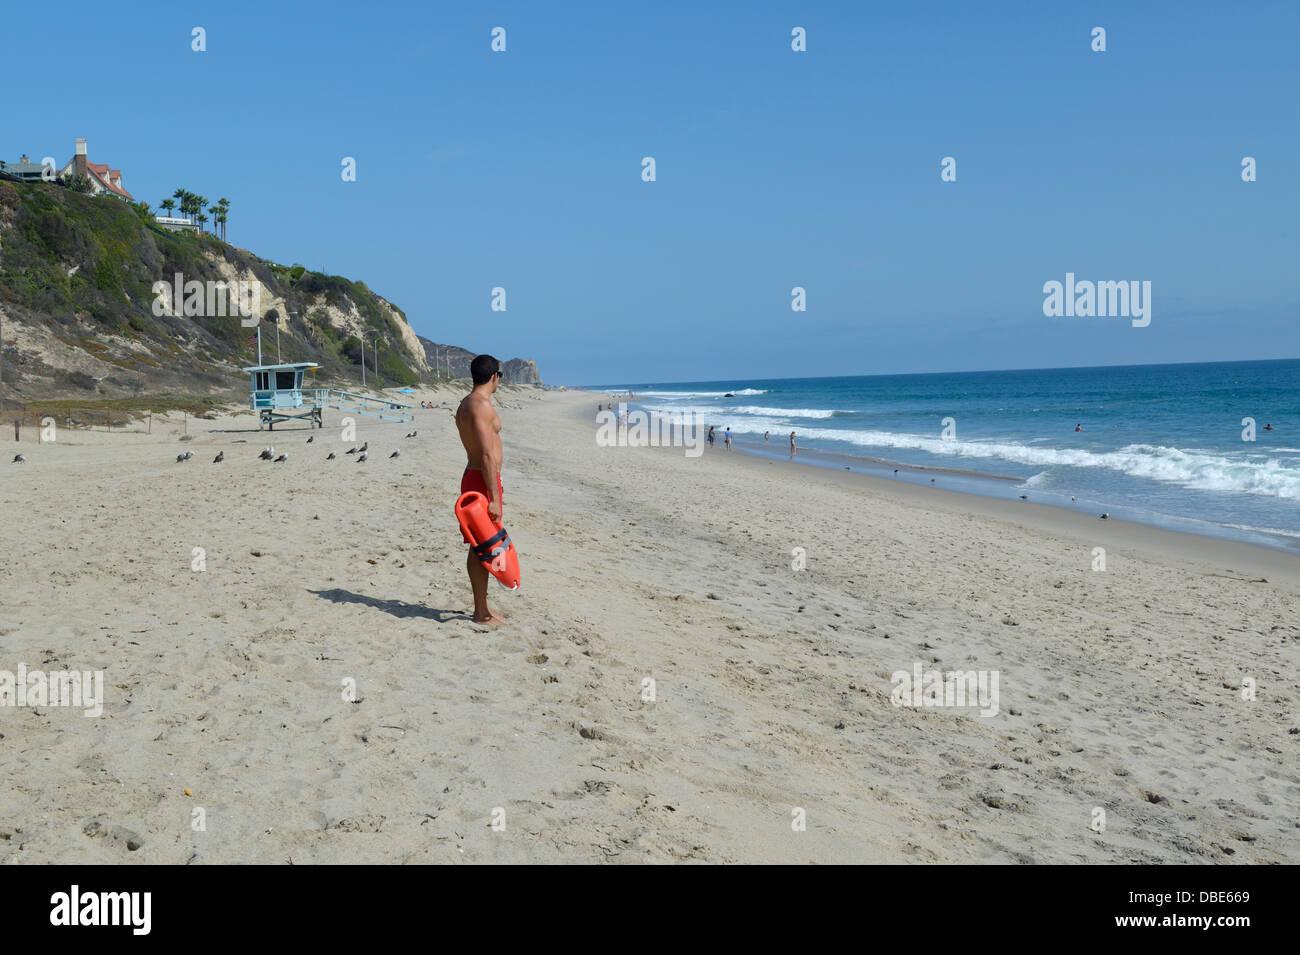 Zuma Beach with lifeguard, Malibu, CA Stock Photo